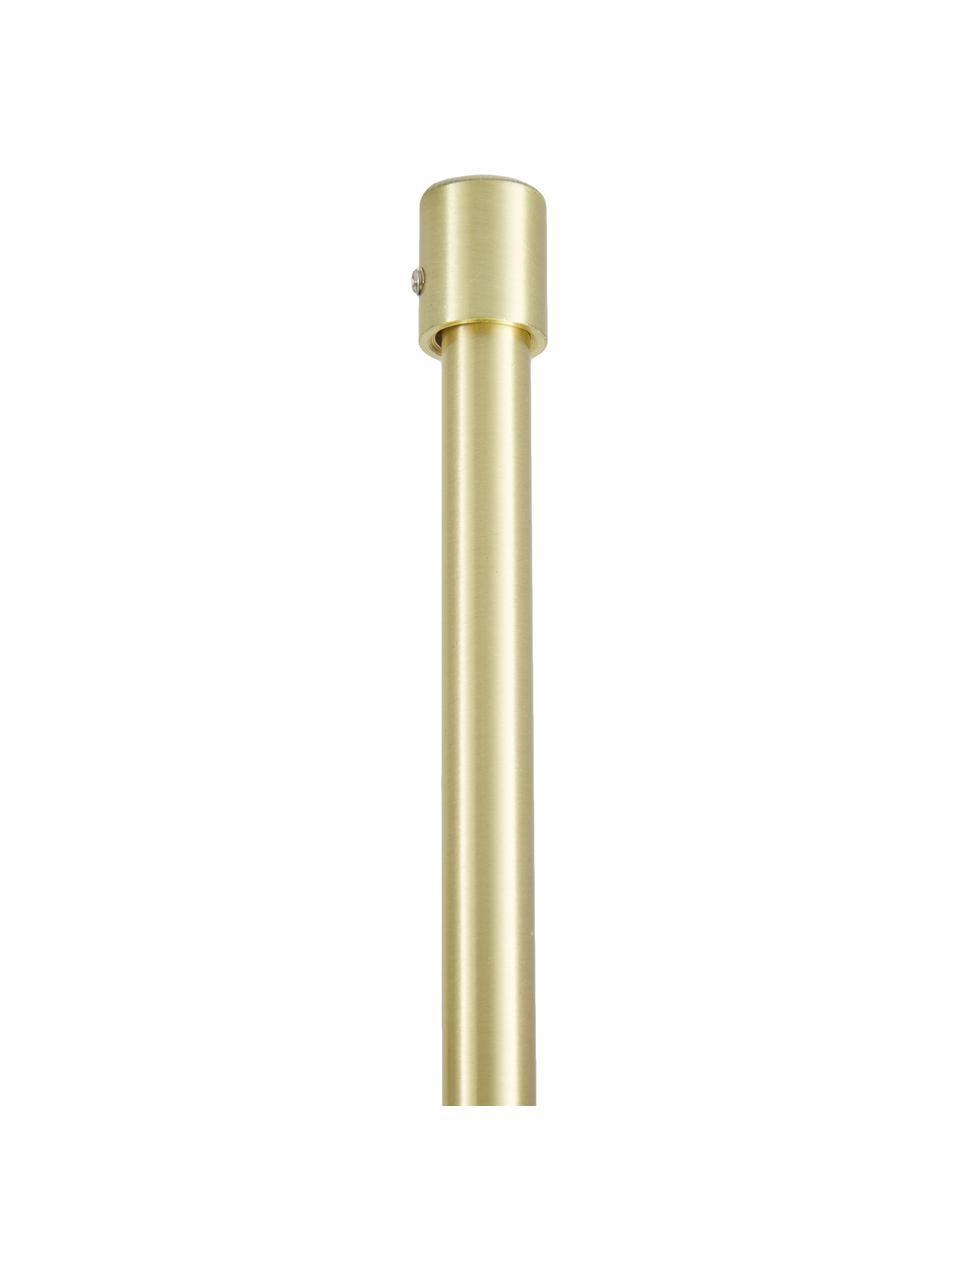 Plafonnier LED doré Gratia, Couleur dorée